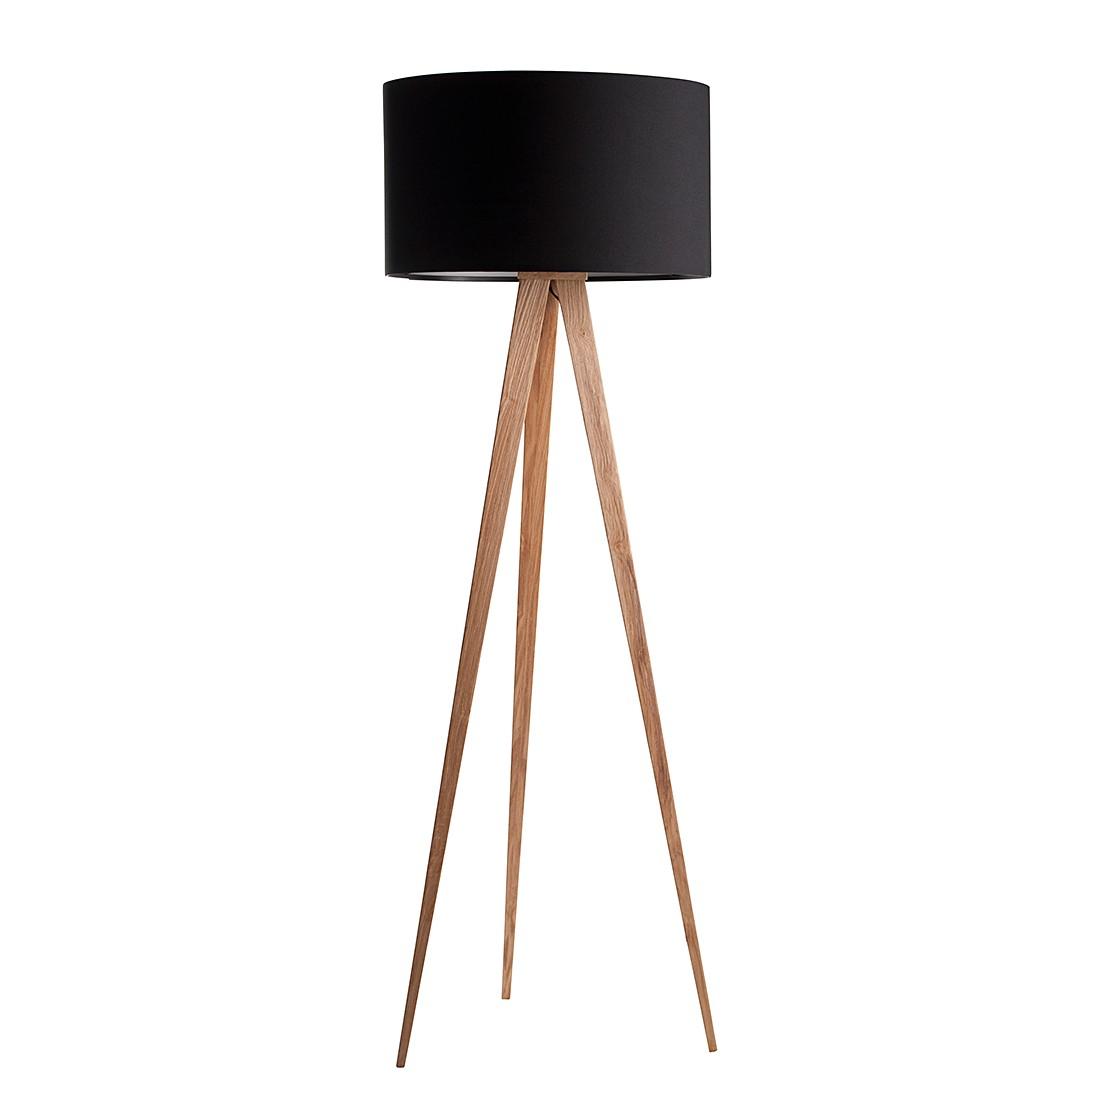 EEK A++, Lampadaire TRIPOD - Bois - 1 ampoule - Noir, Zuiver